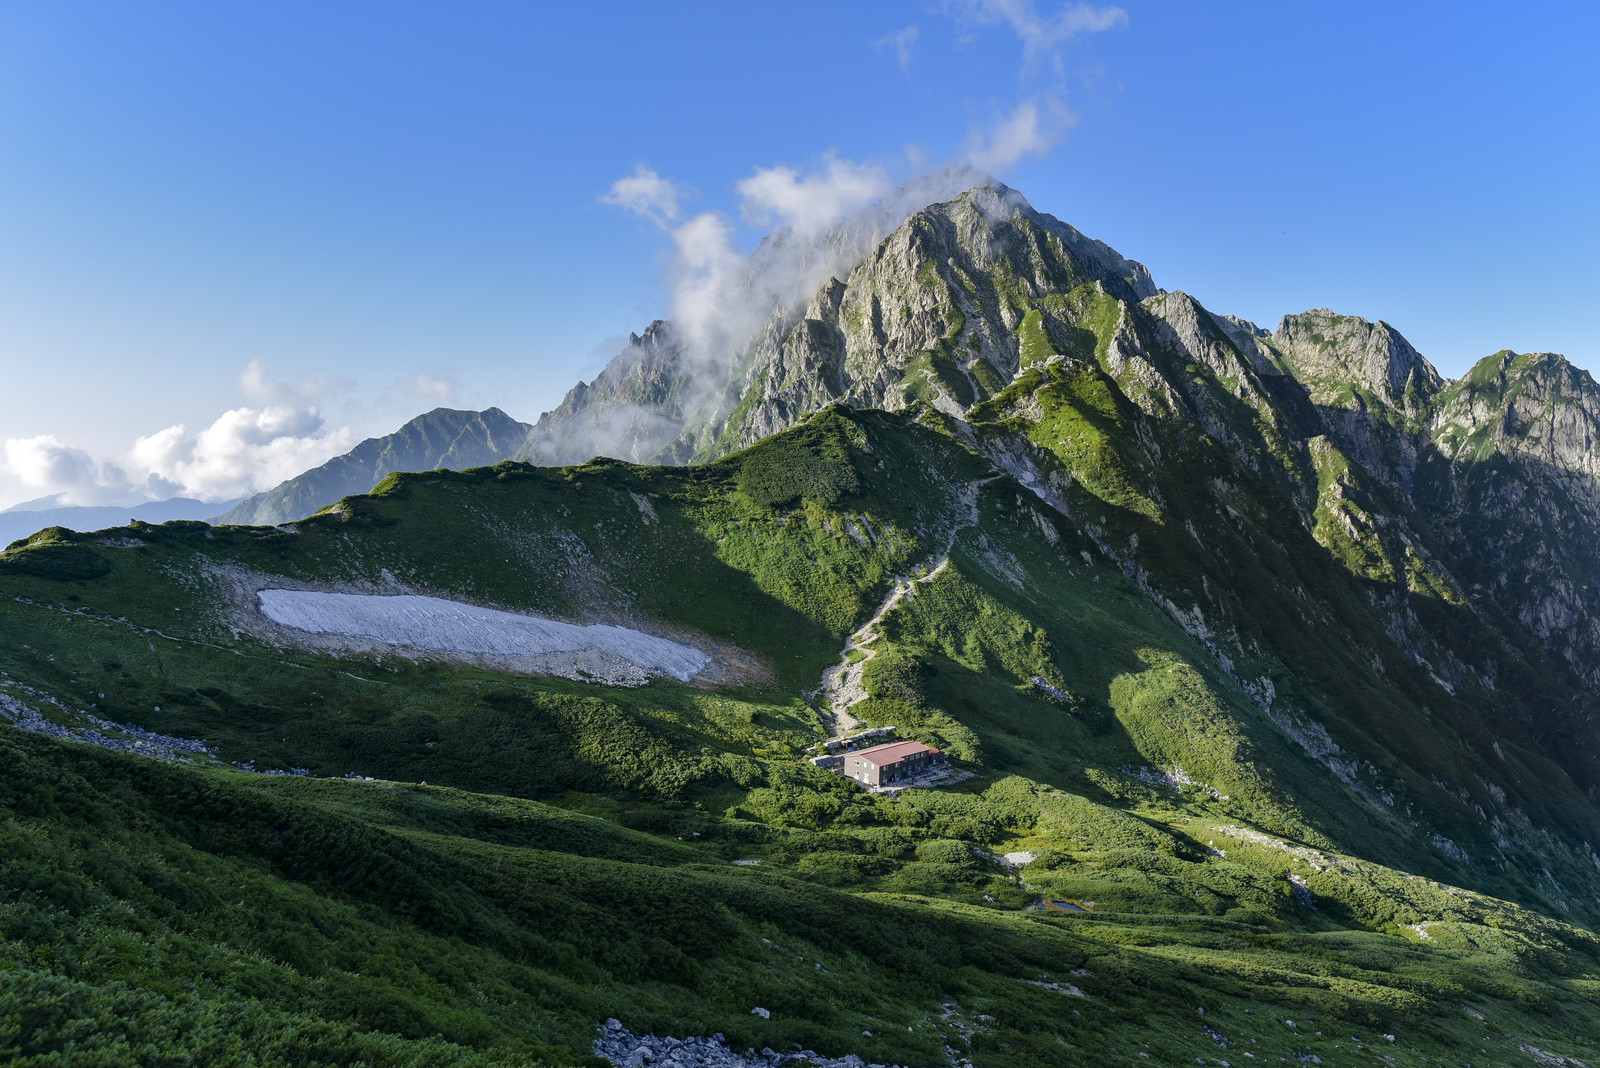 「剱岳の麓に立つ山荘と剱岳の眺め(立山)」の写真